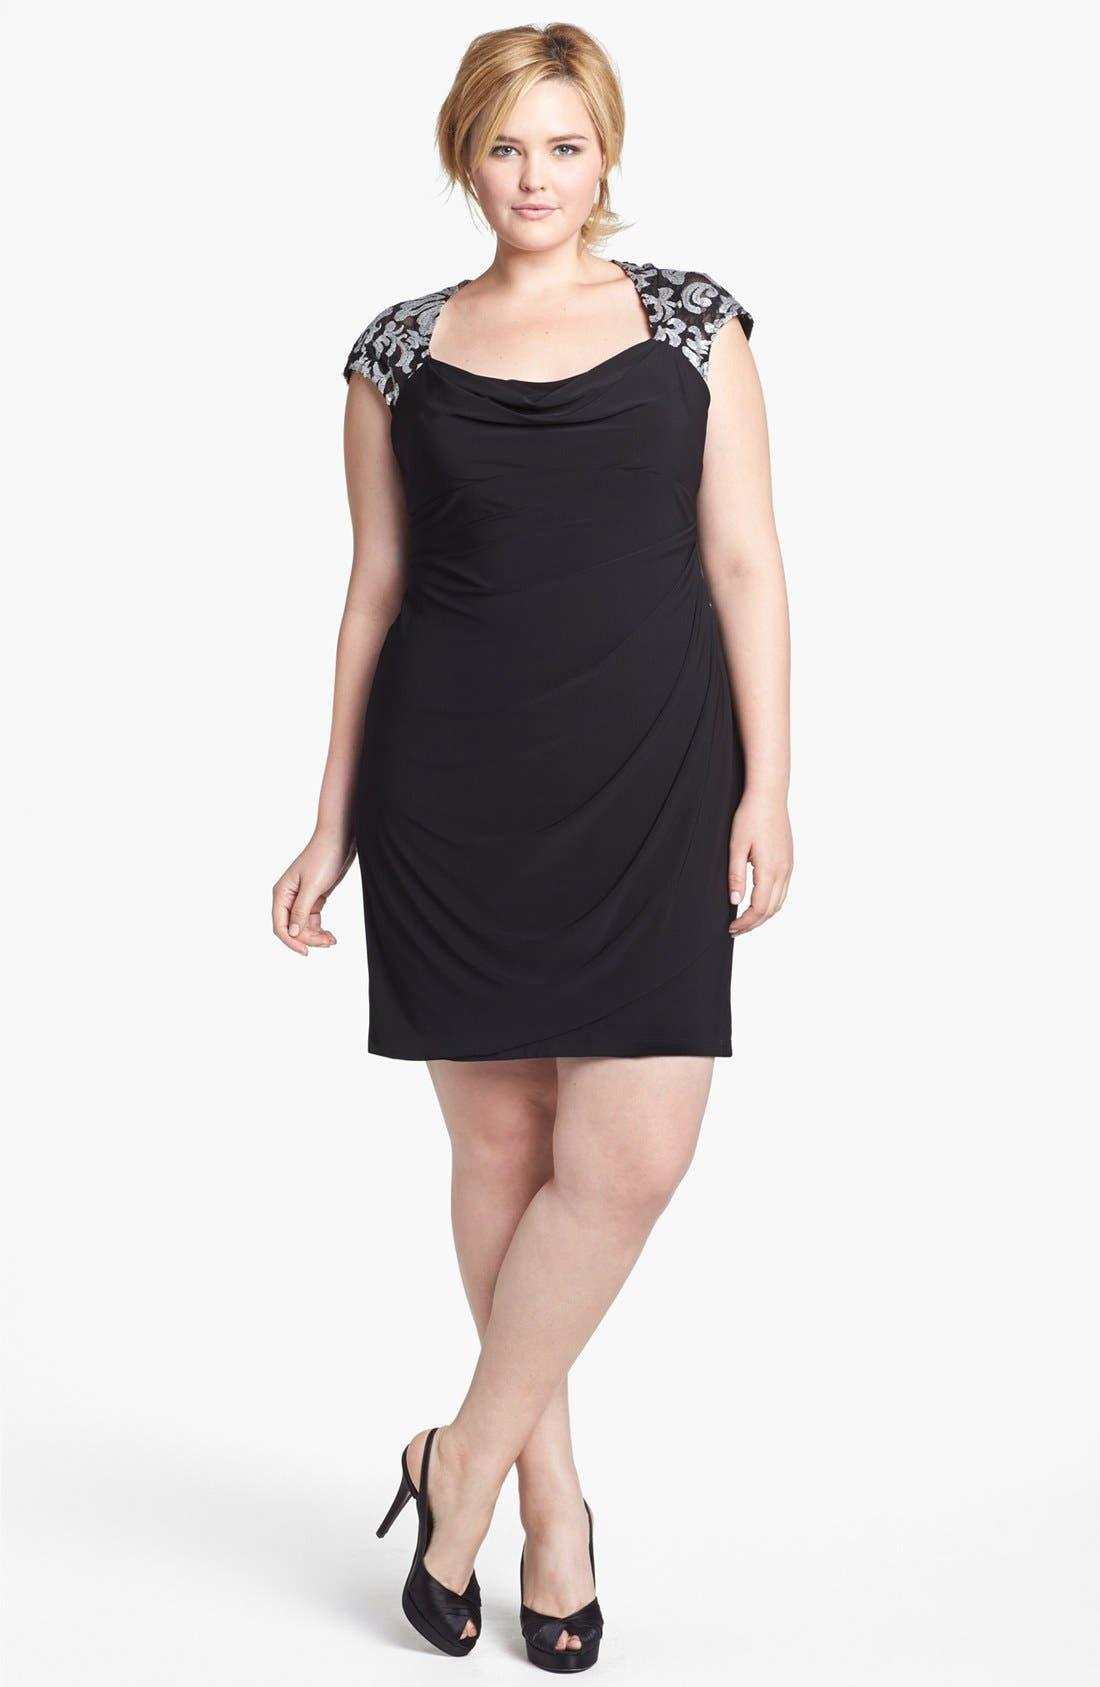 Alternate Image 1 Selected - Xscape Embellished Yoke Ruched Sheath Dress (Plus Size)